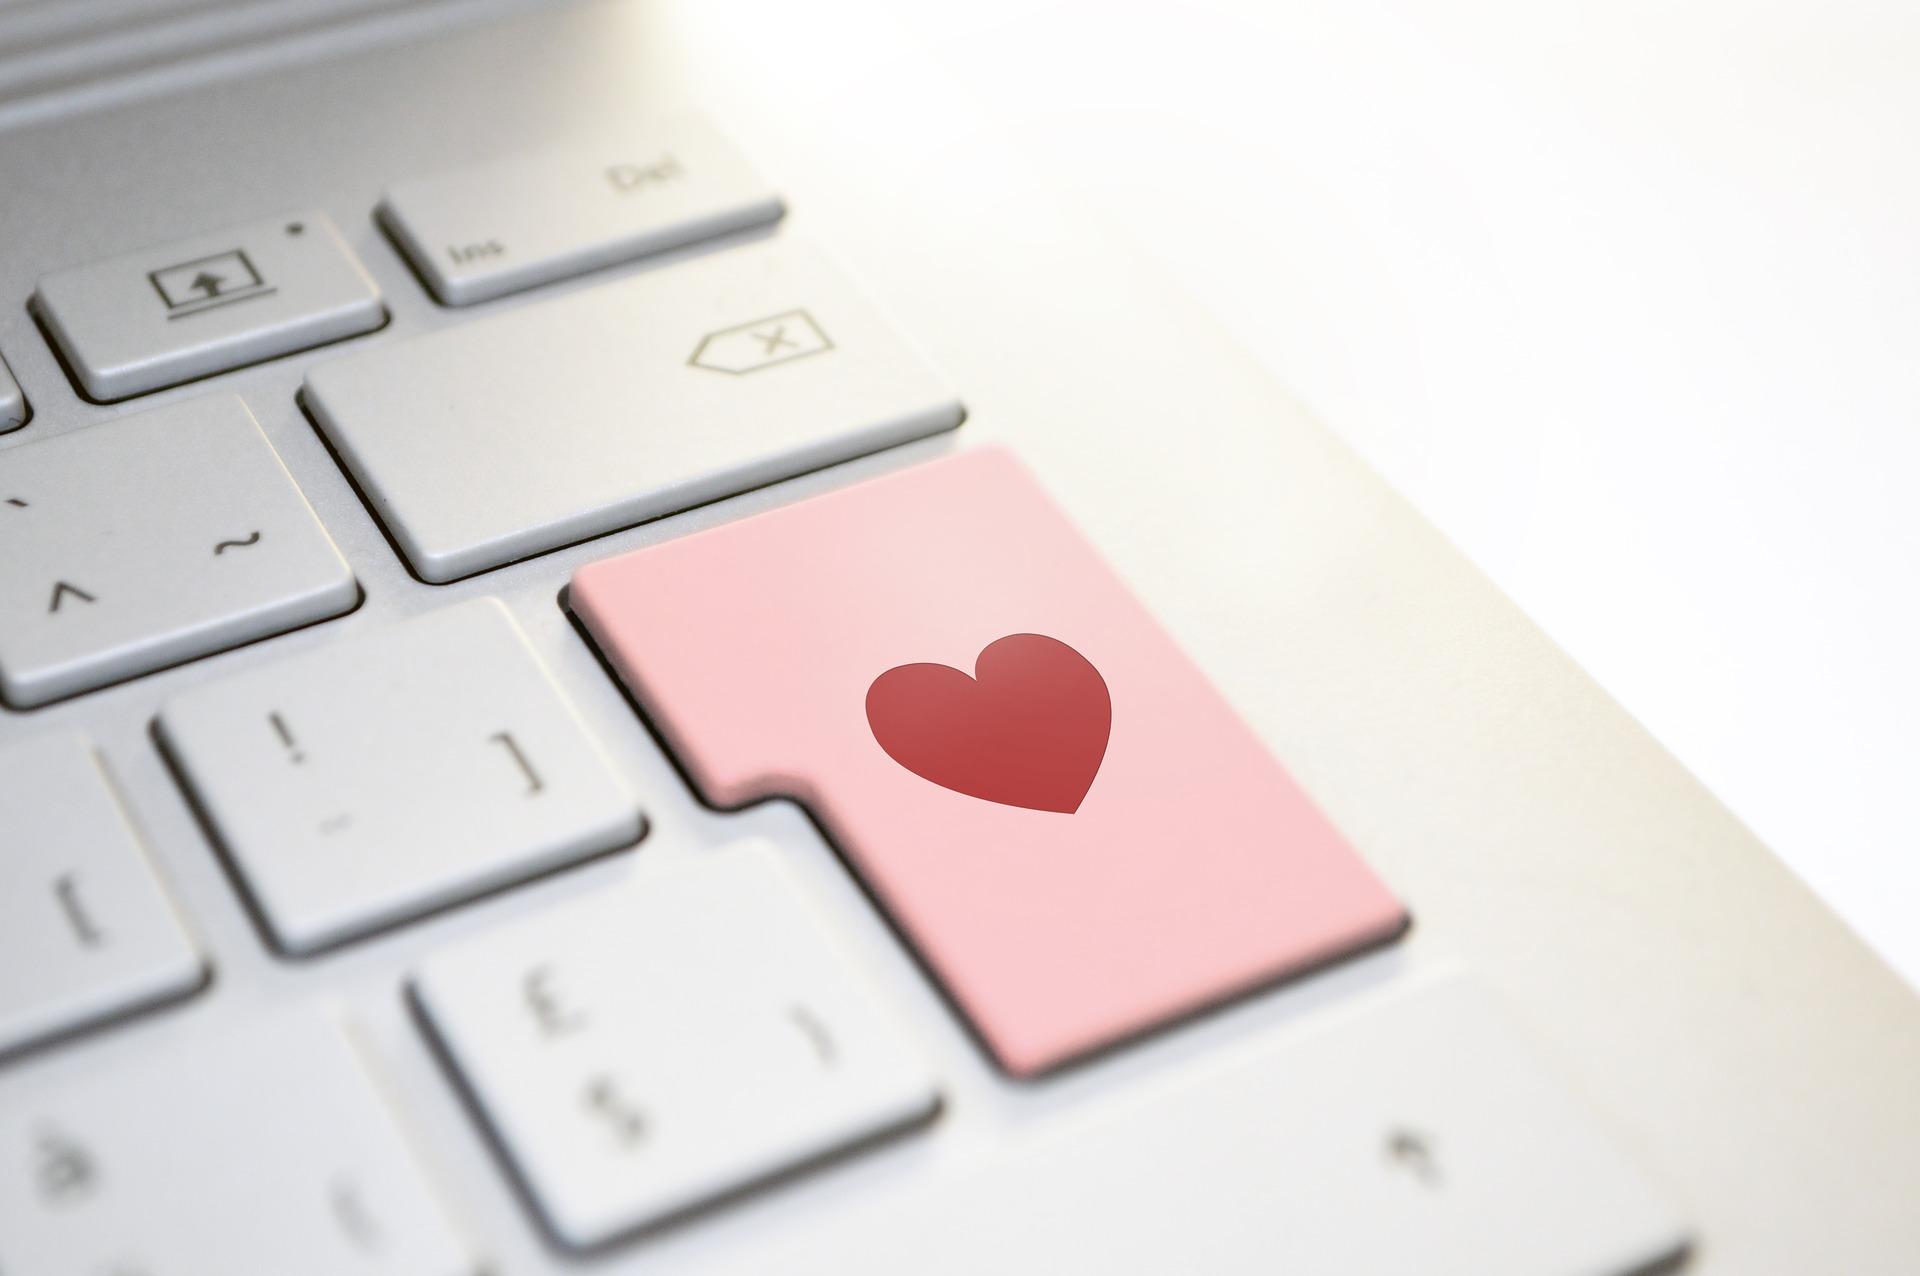 amour par le clavier - Image par athree23 de Pixabay